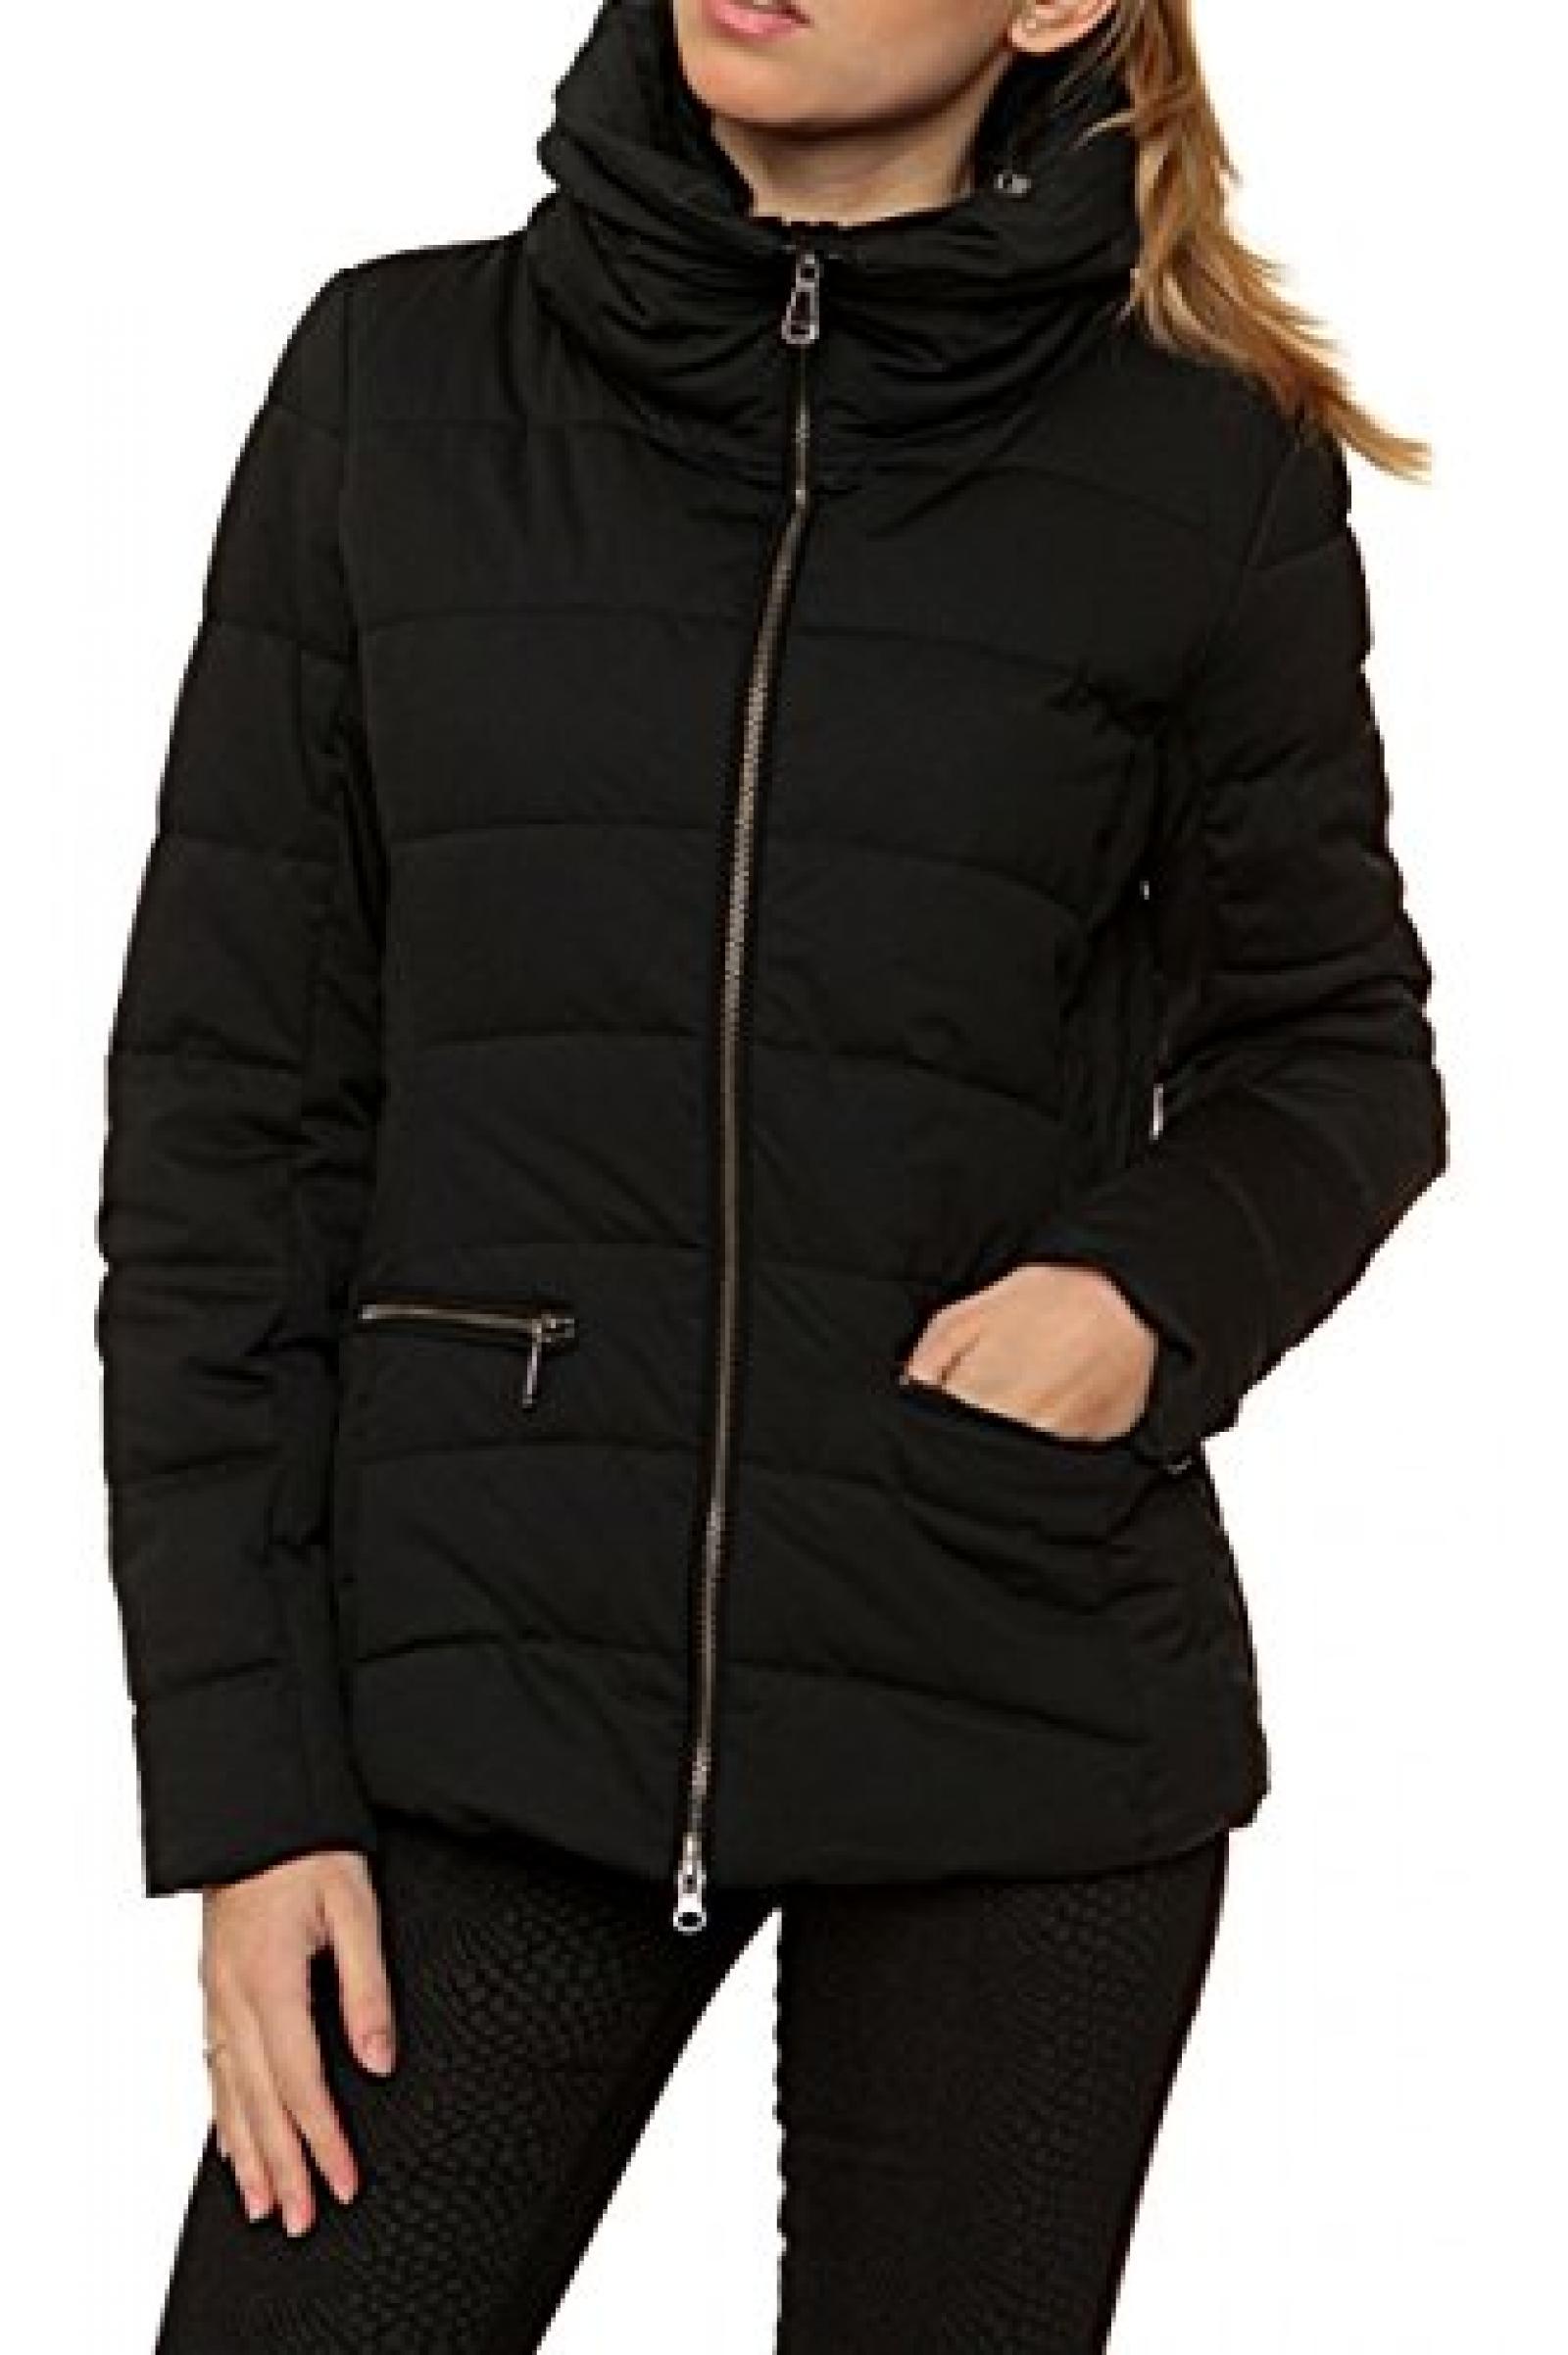 Geox Damen Jacke Winterjacke , Farbe: Schwarz